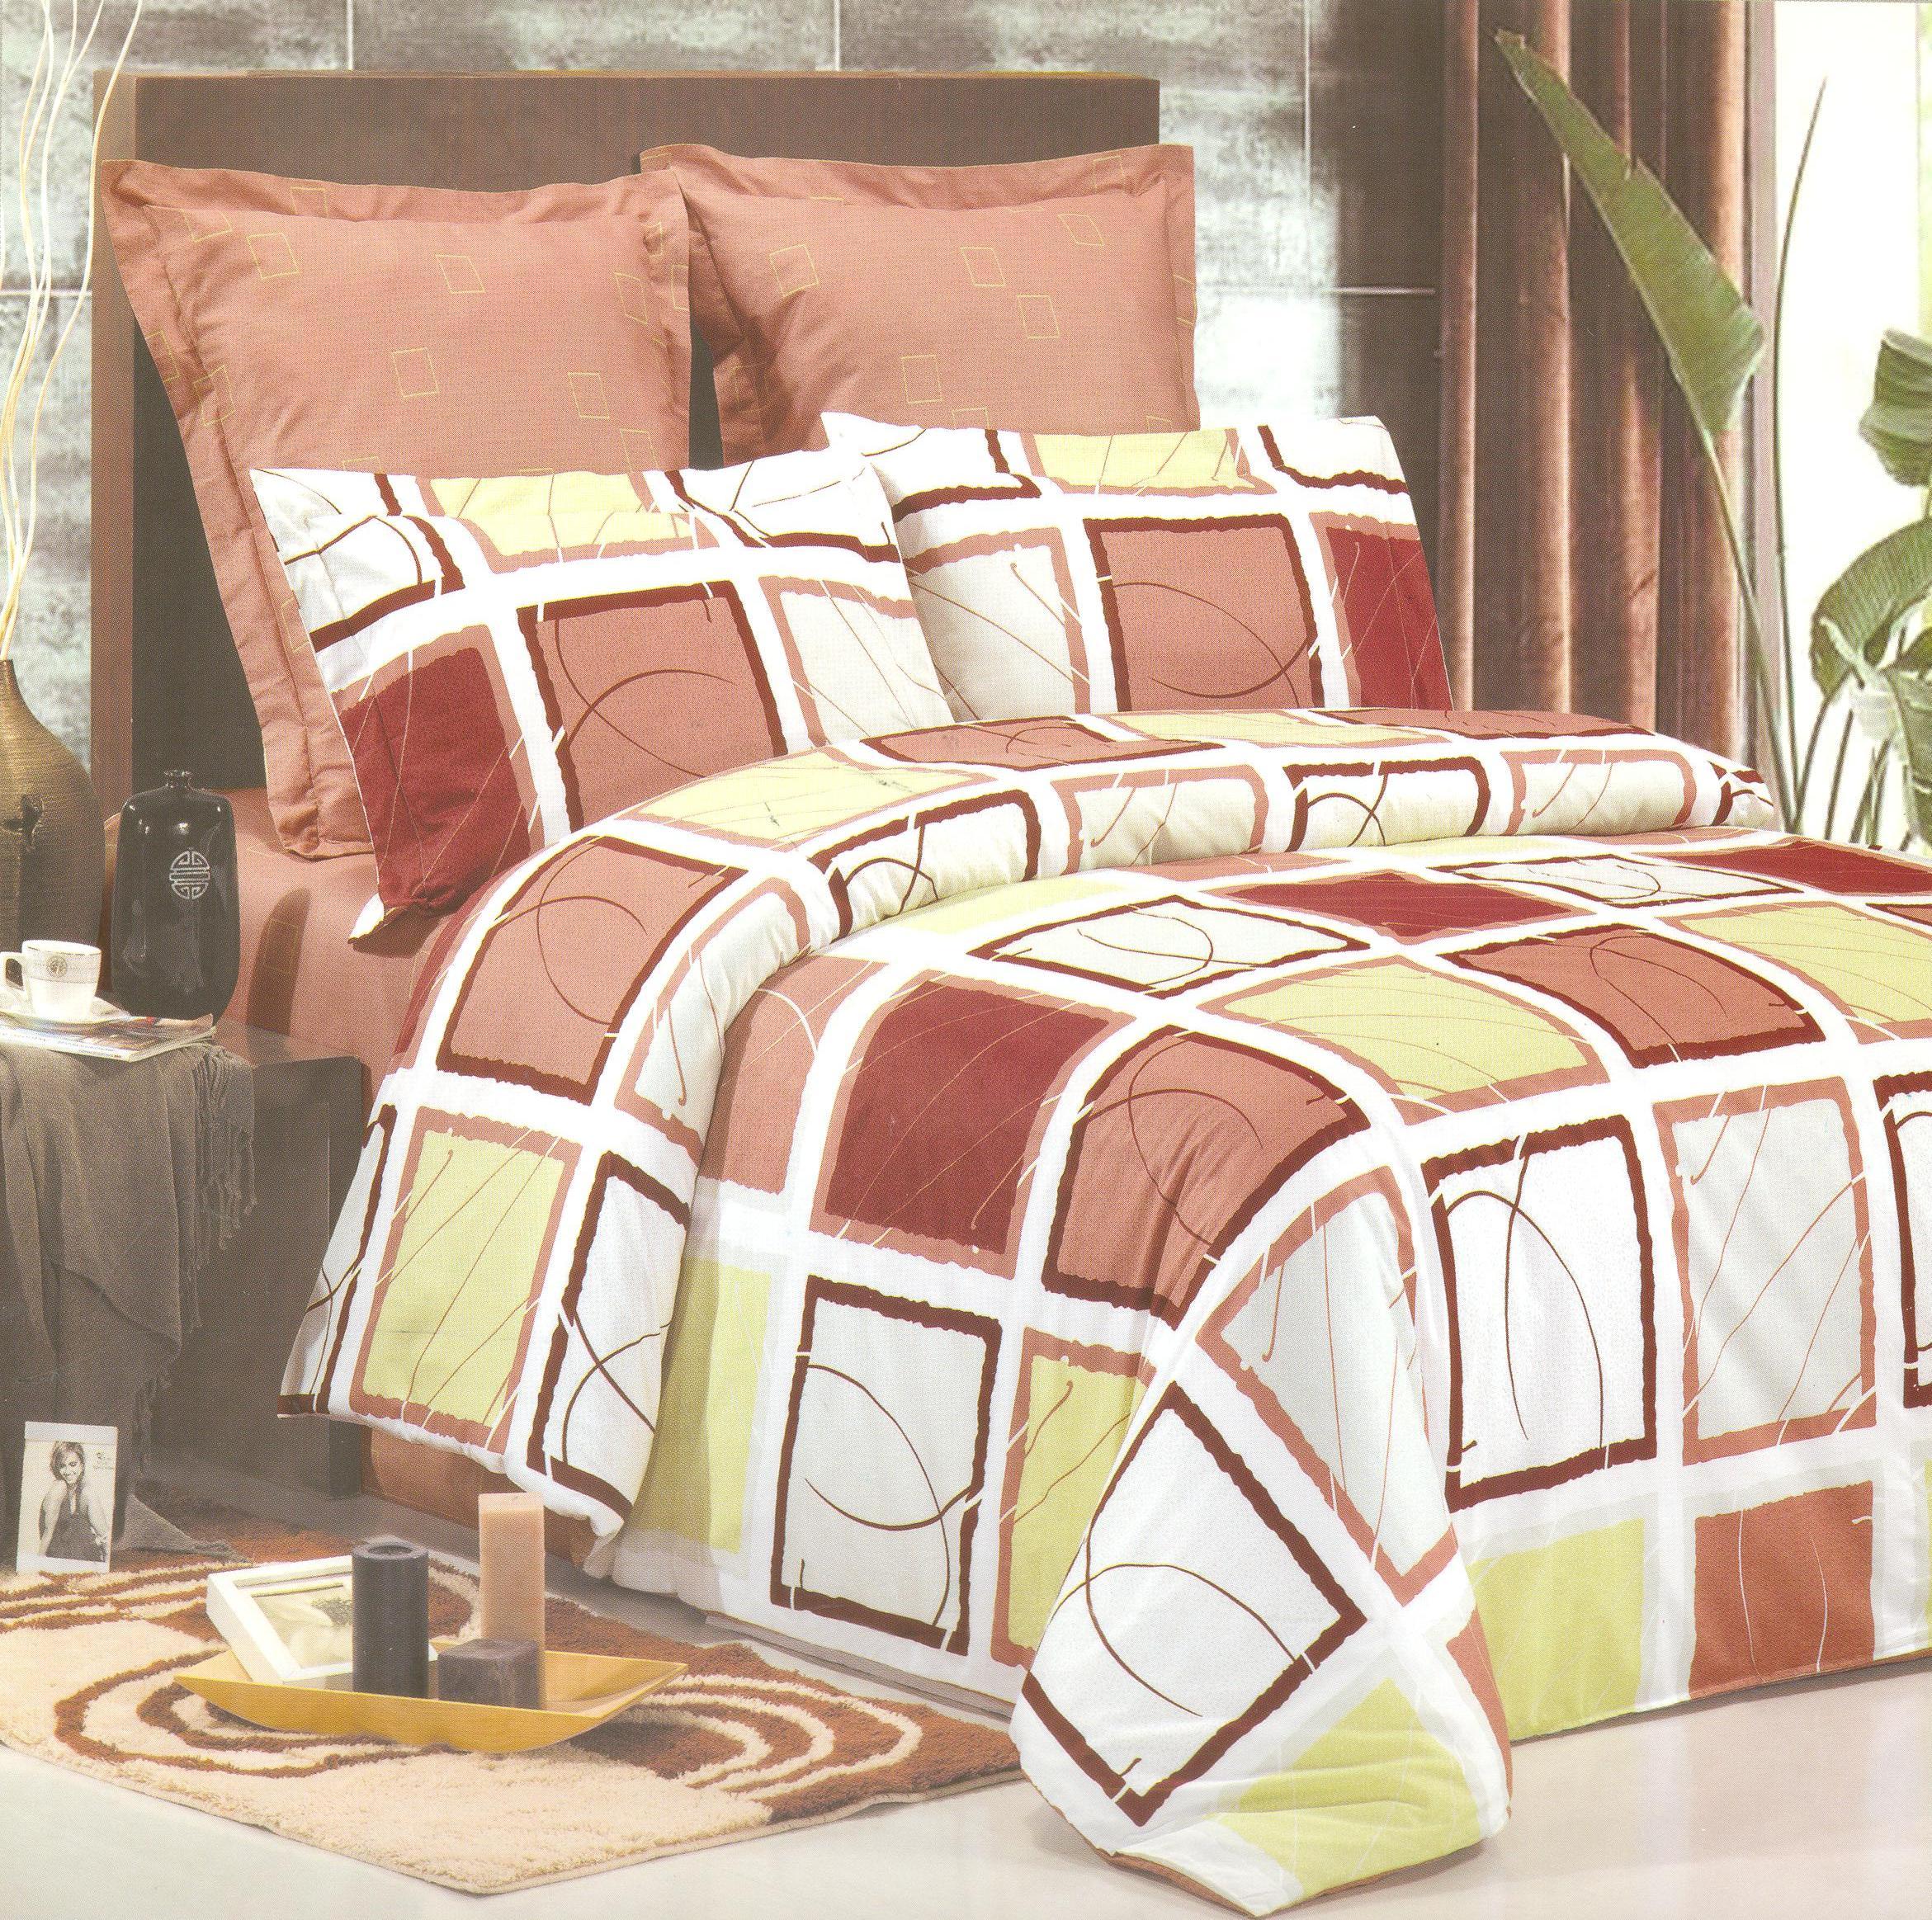 Купить Комплекты постельного белья СайлиД, Постельное белье Oprah B-75 (2 сп. евро), Китай, Белый, Зеленый, Коричневый, Хлопковый сатин